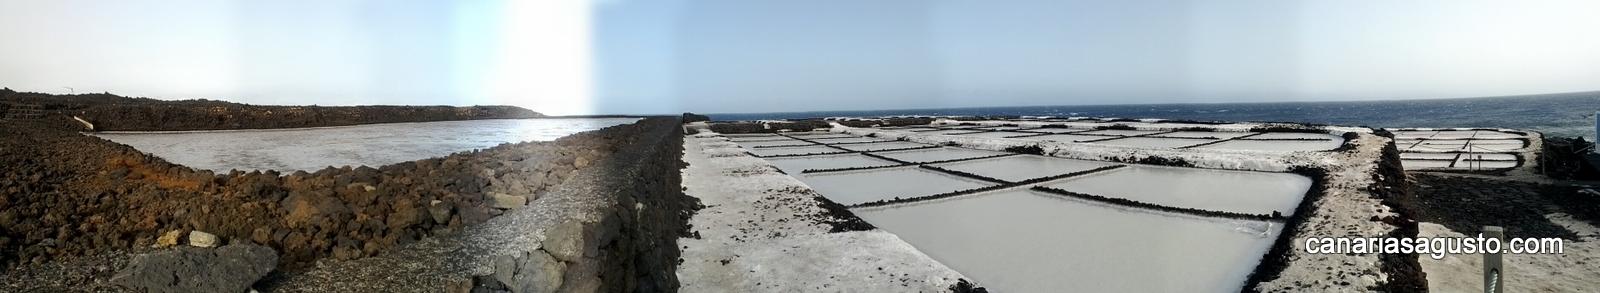 Las Salinas de Fuencaliente - La Palma